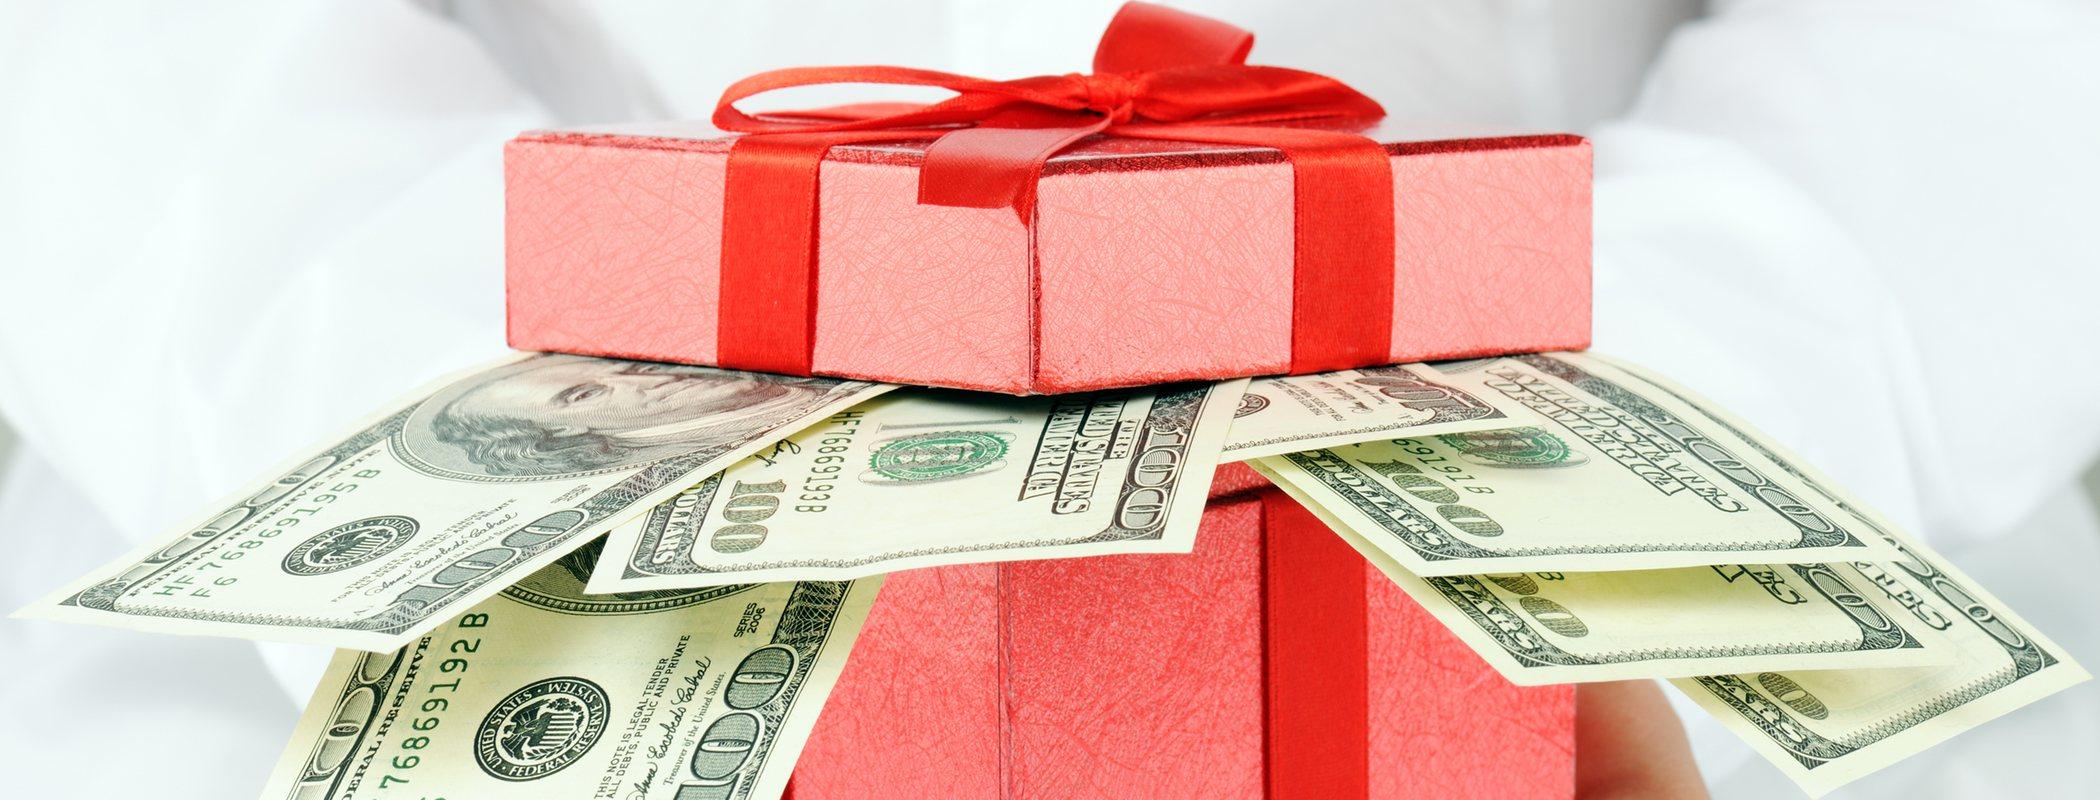 5 ideas para regalar dinero en una boda de forma original bekia pareja - Ideas para regalar dinero en una boda ...